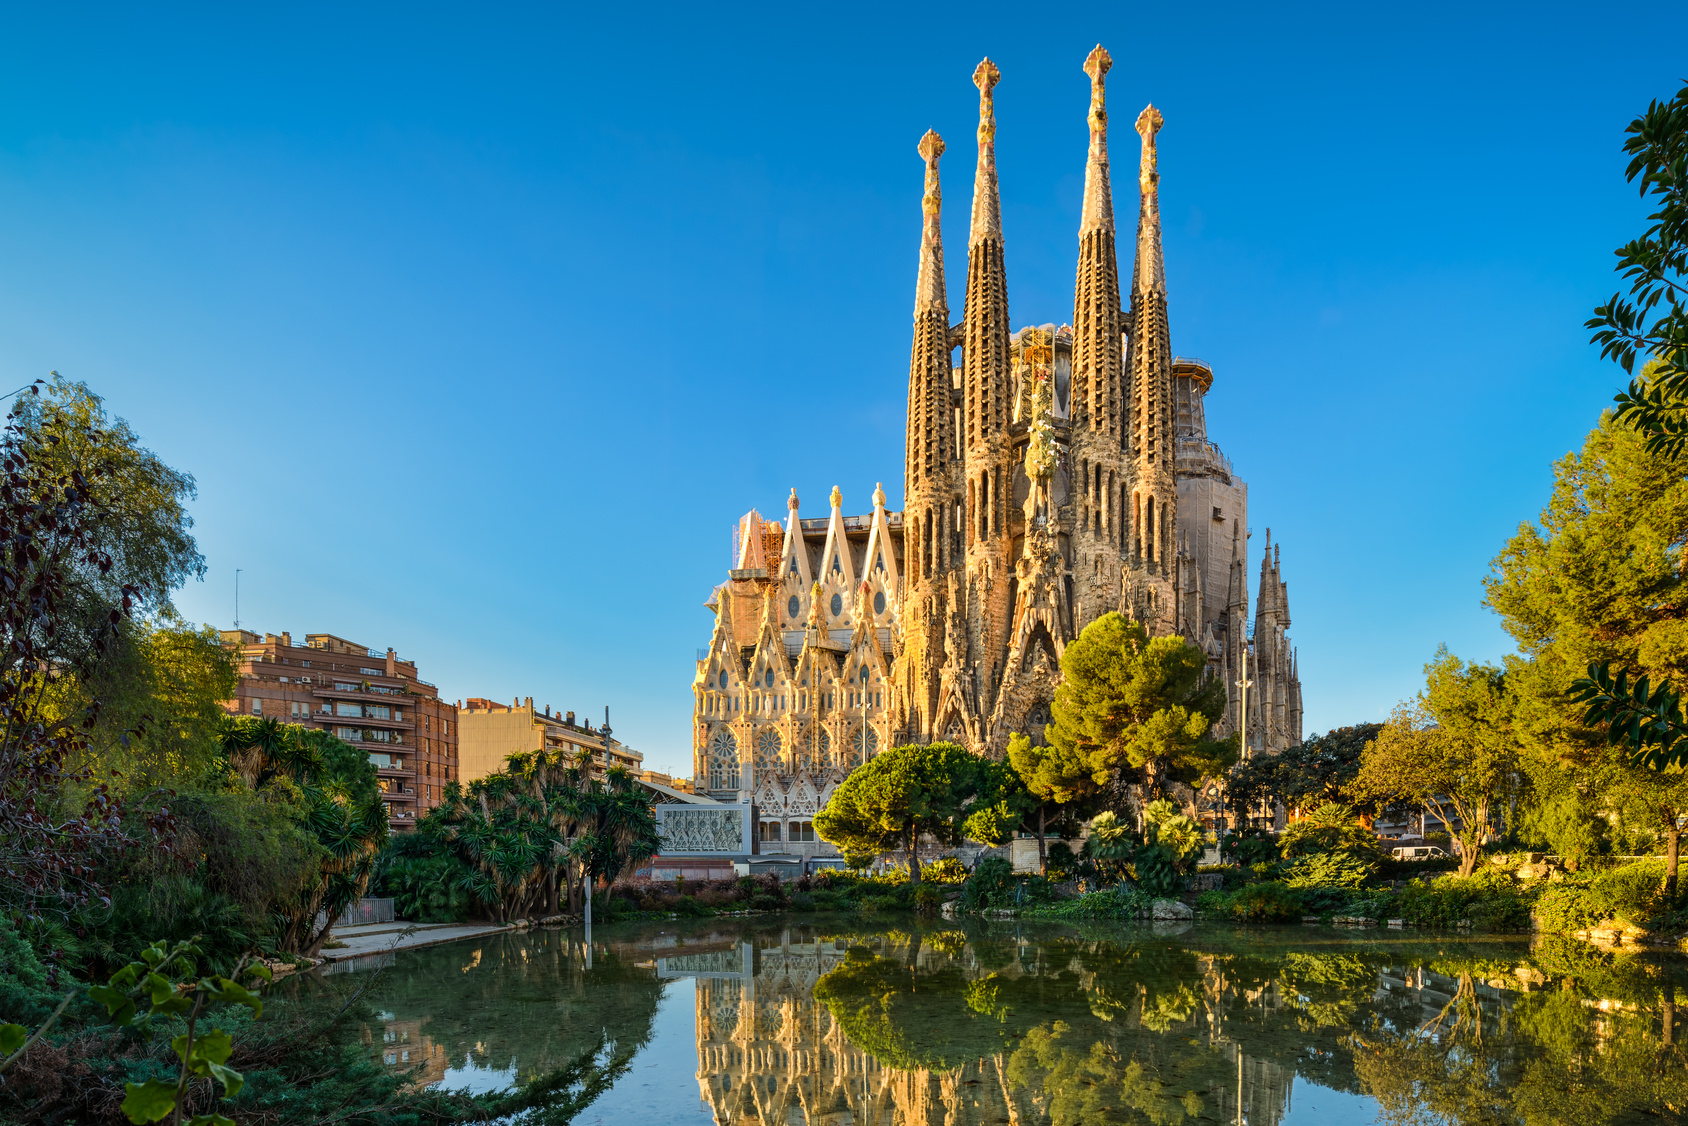 Wakacje w Hiszpanii - sprawdź ofertę!